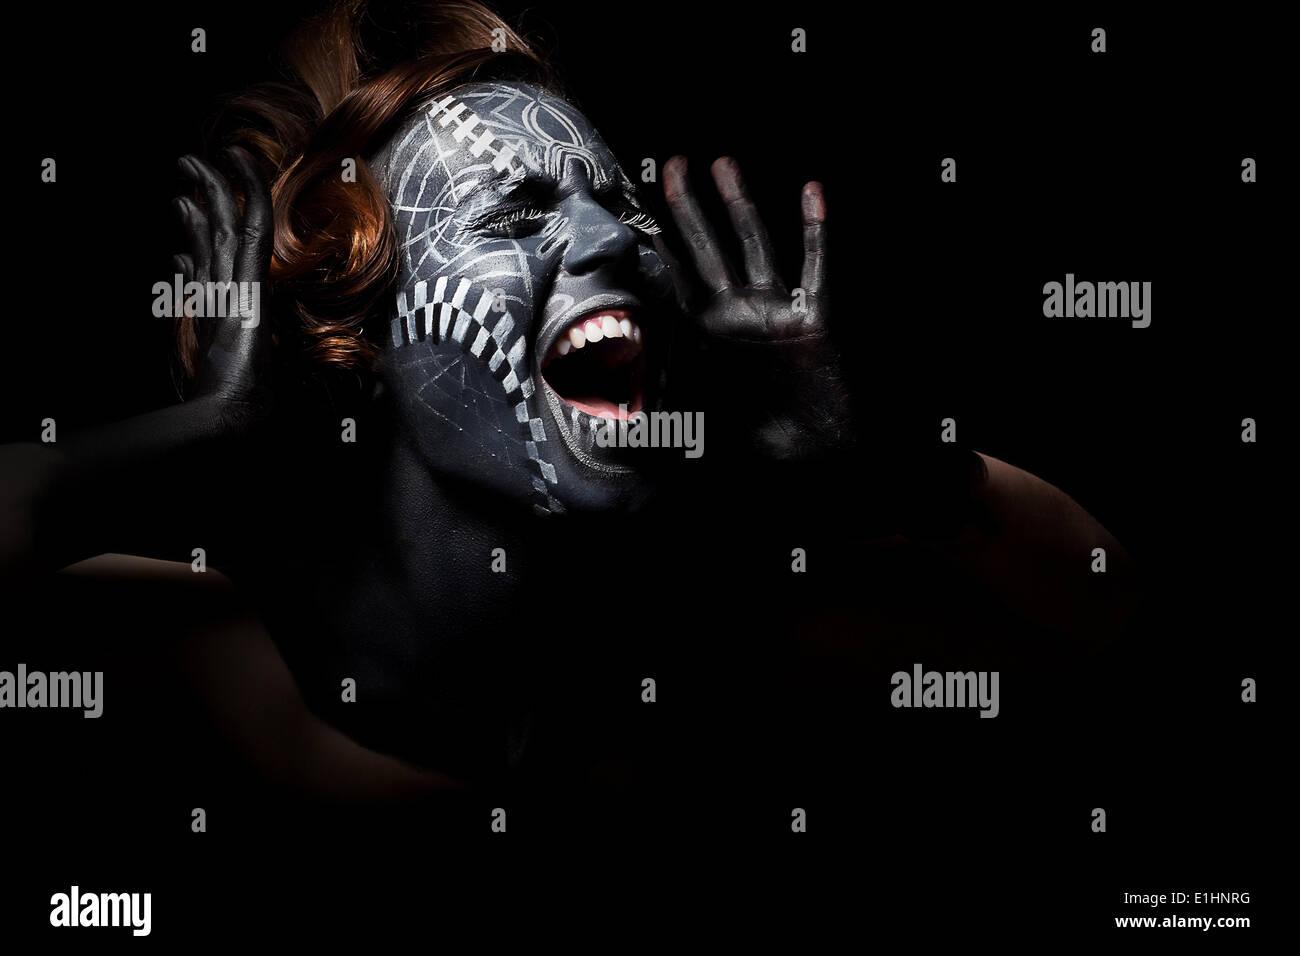 Foto d'arte di un sottolineato donna etnica con dipinta di nero maschera sul viso e tatuaggio Immagini Stock